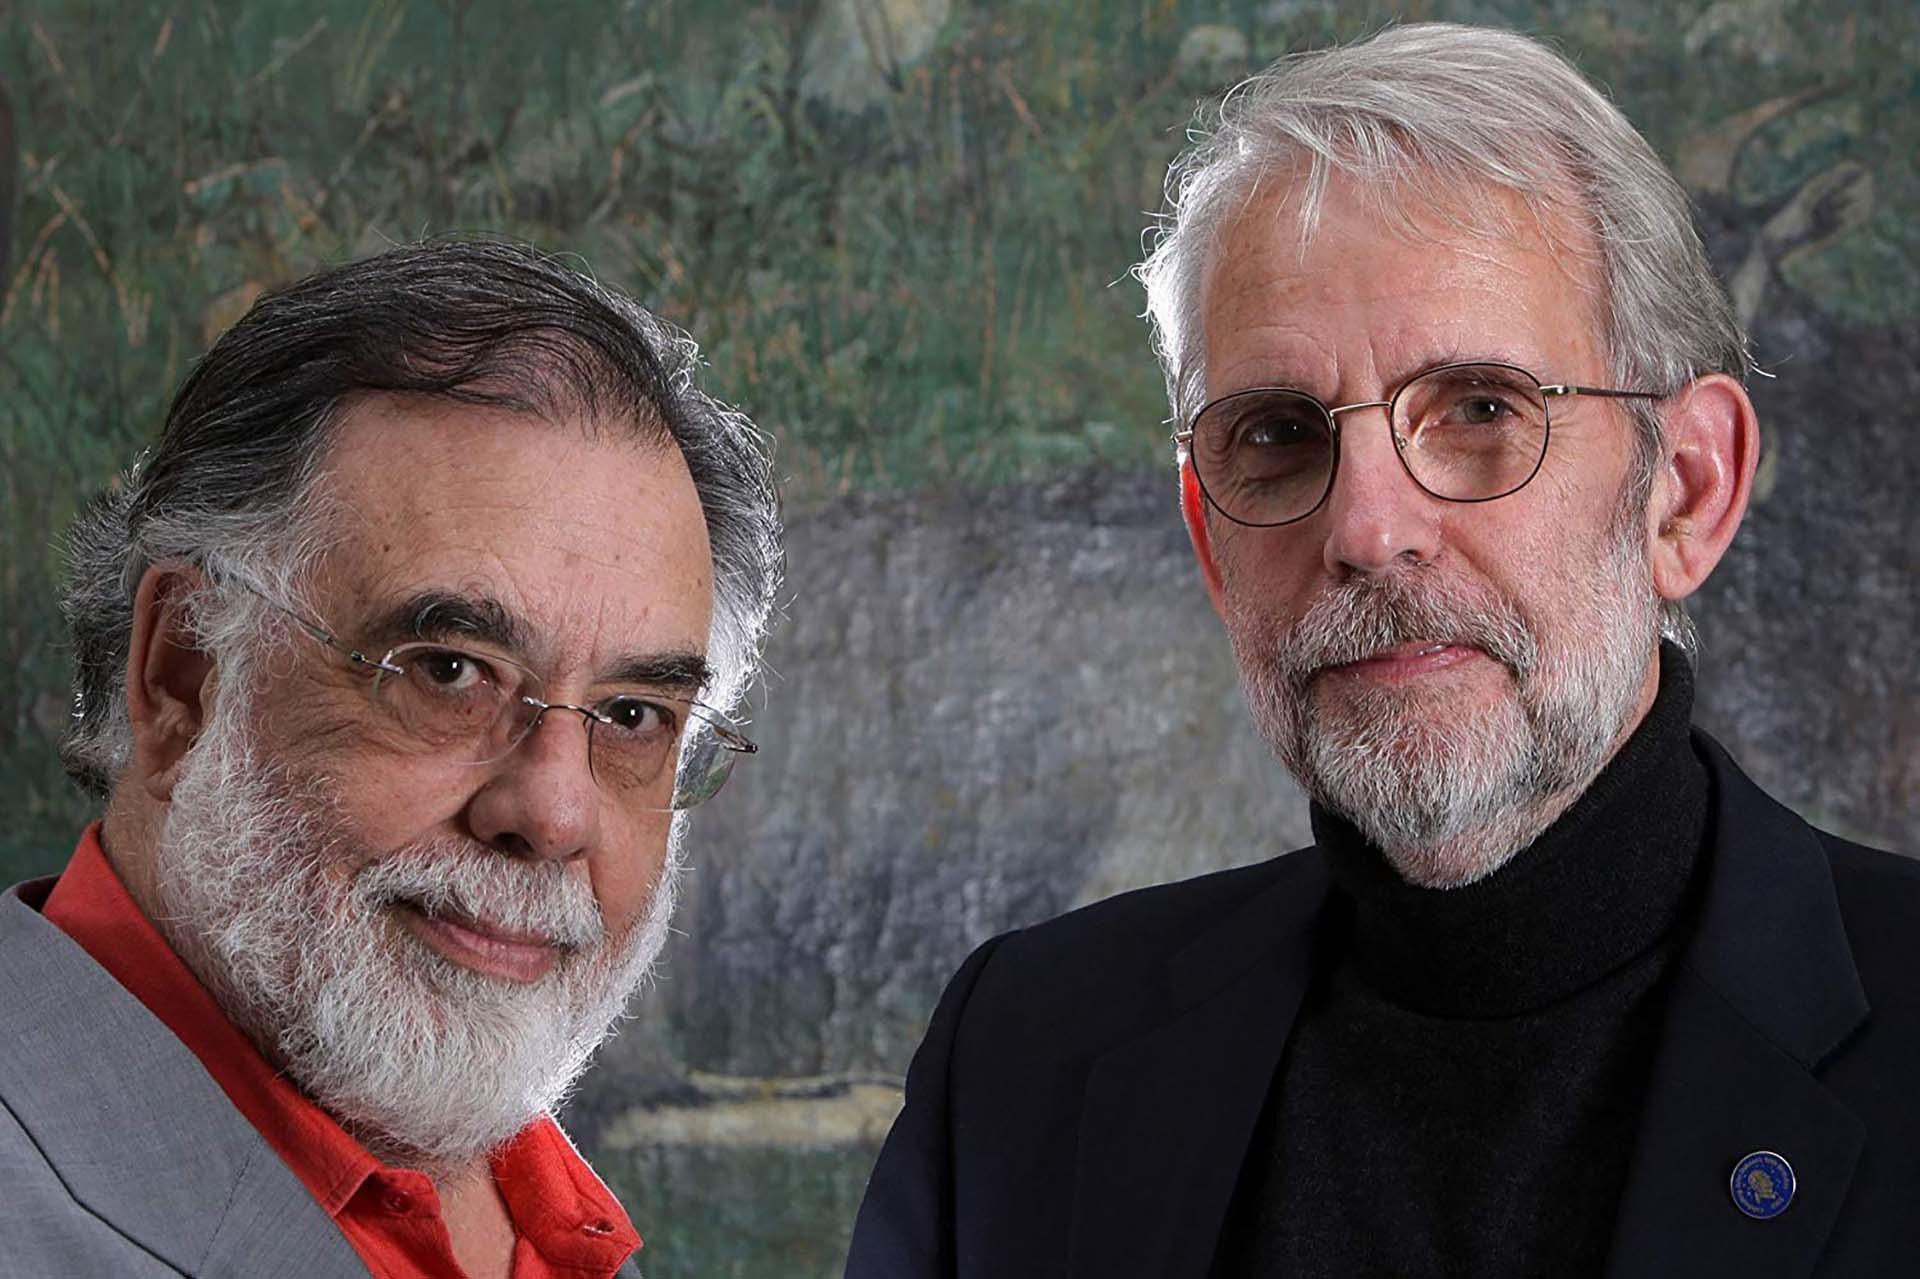 """Francis Ford Coppola junto a Walter Murch, editor cinematográfico y diseñador de sonido en """"El Padrino"""", """"La conversación"""" y """"Apocalypse Now"""""""